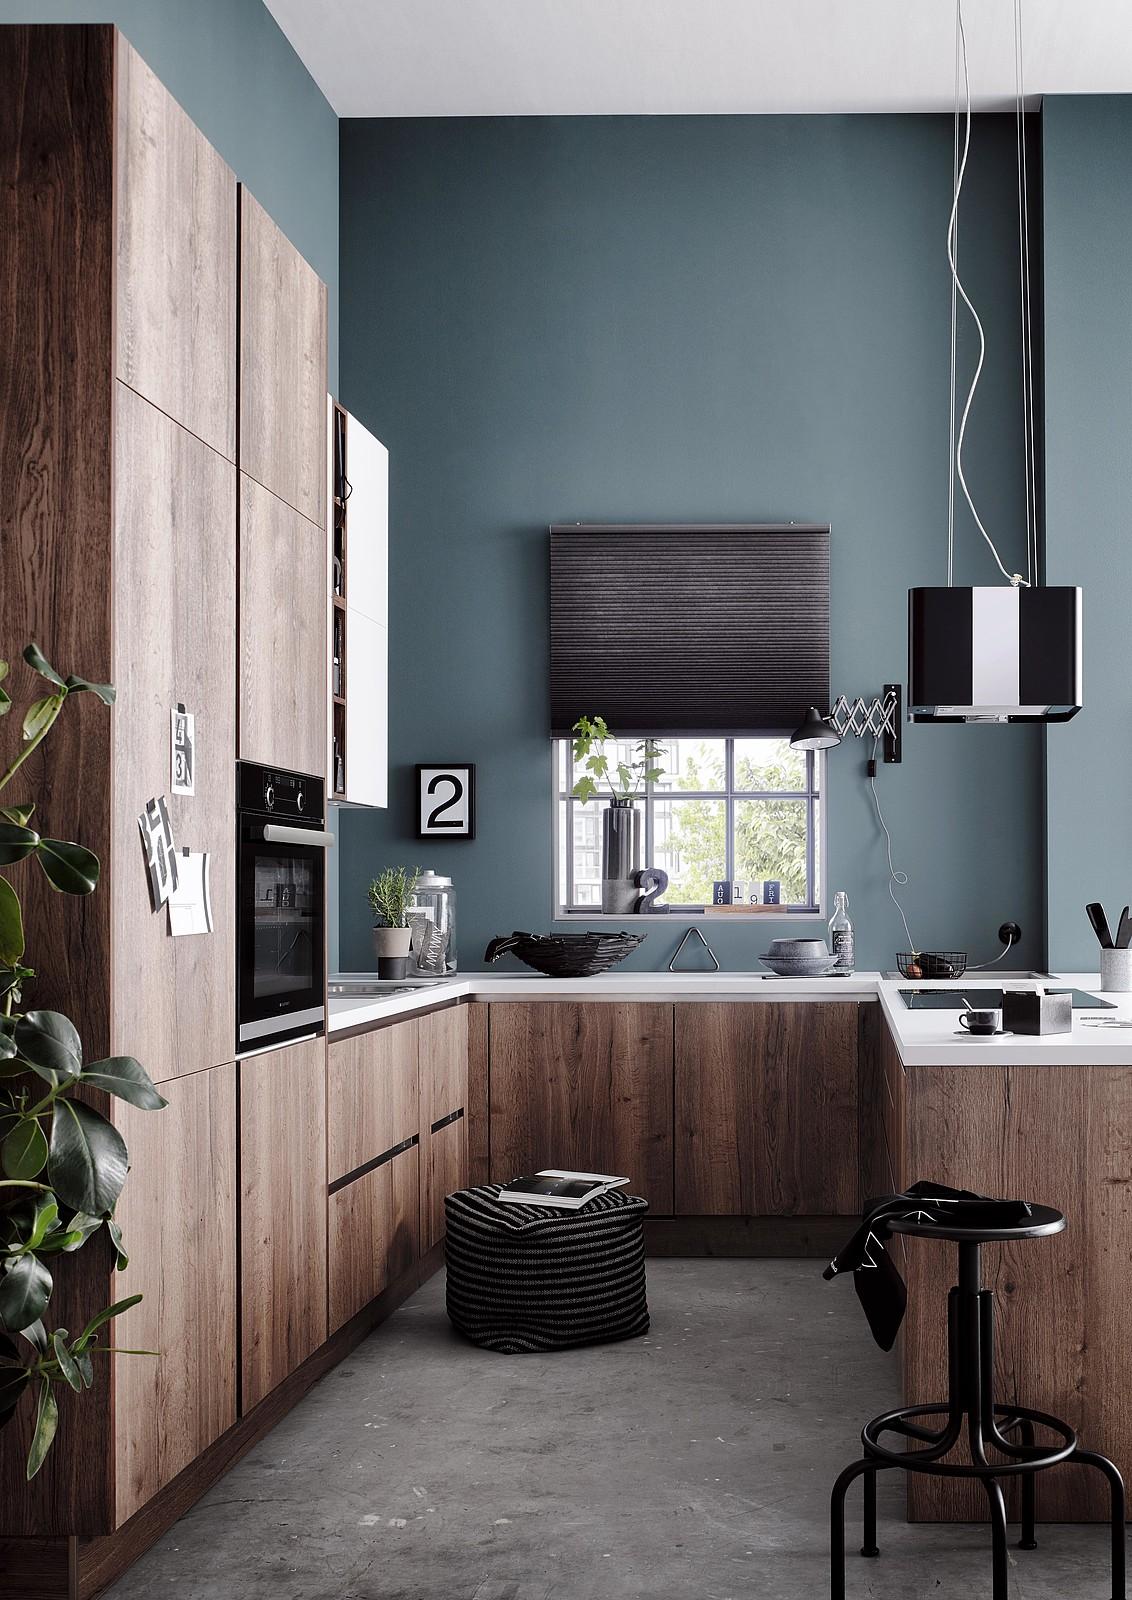 Full Size of Holzkchen So Wird Ihre Kche Zum Wohlfhlort Wohnzimmer Holzküchen